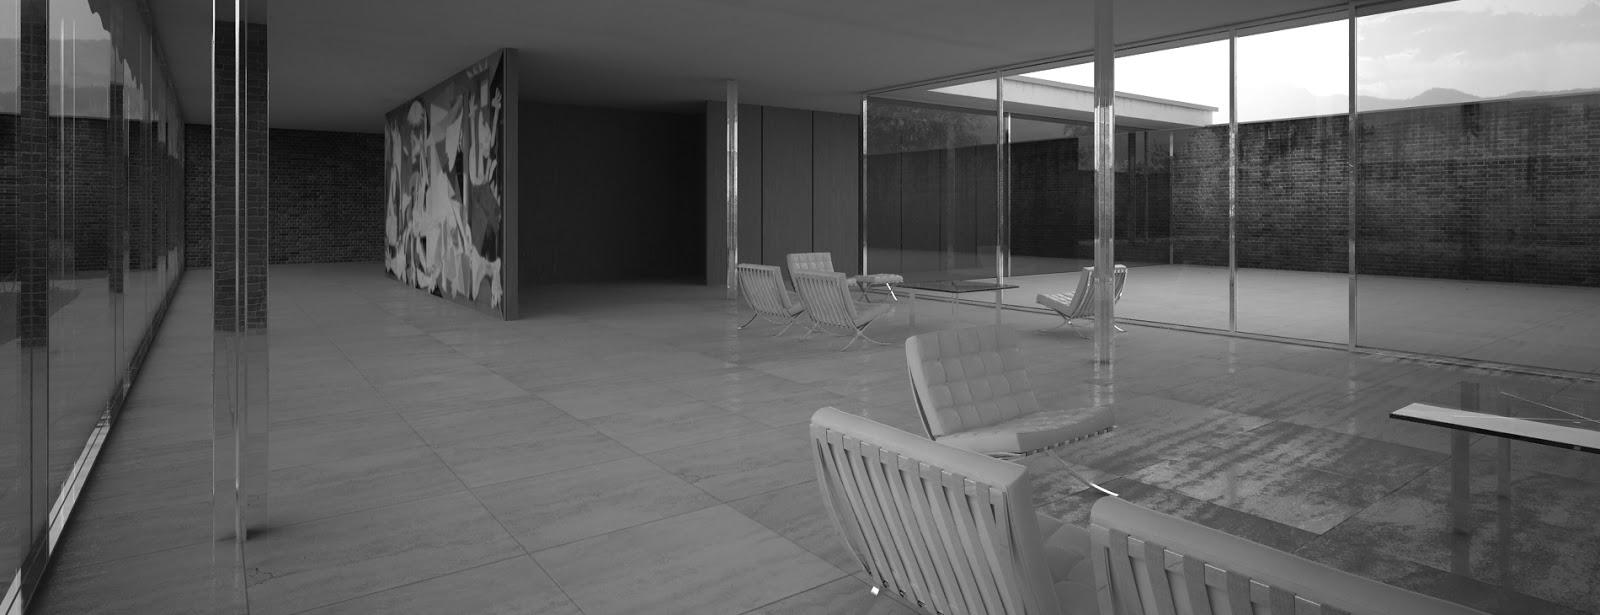 Jose jaraiz casa con tres patios mies van der rohe for Casa minimalista de mies van der rohe